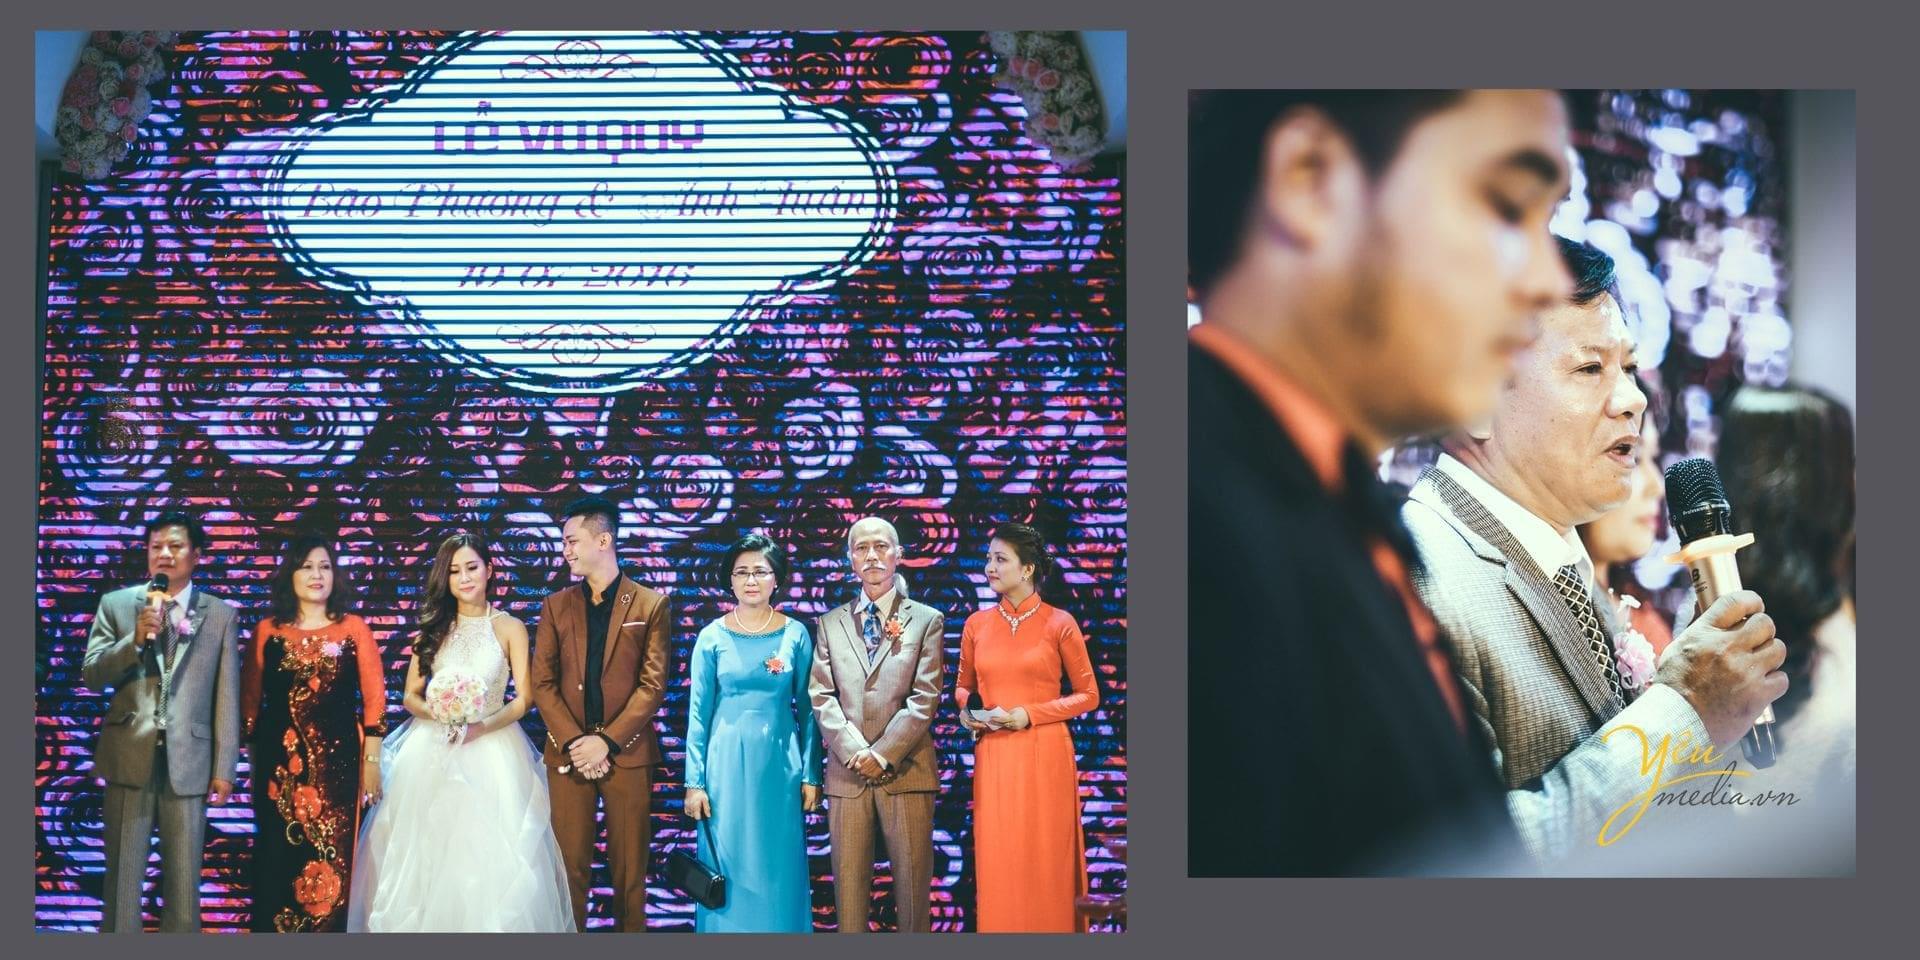 ảnh chụp tại lễ cưới gia đình 2 bên phát biểu